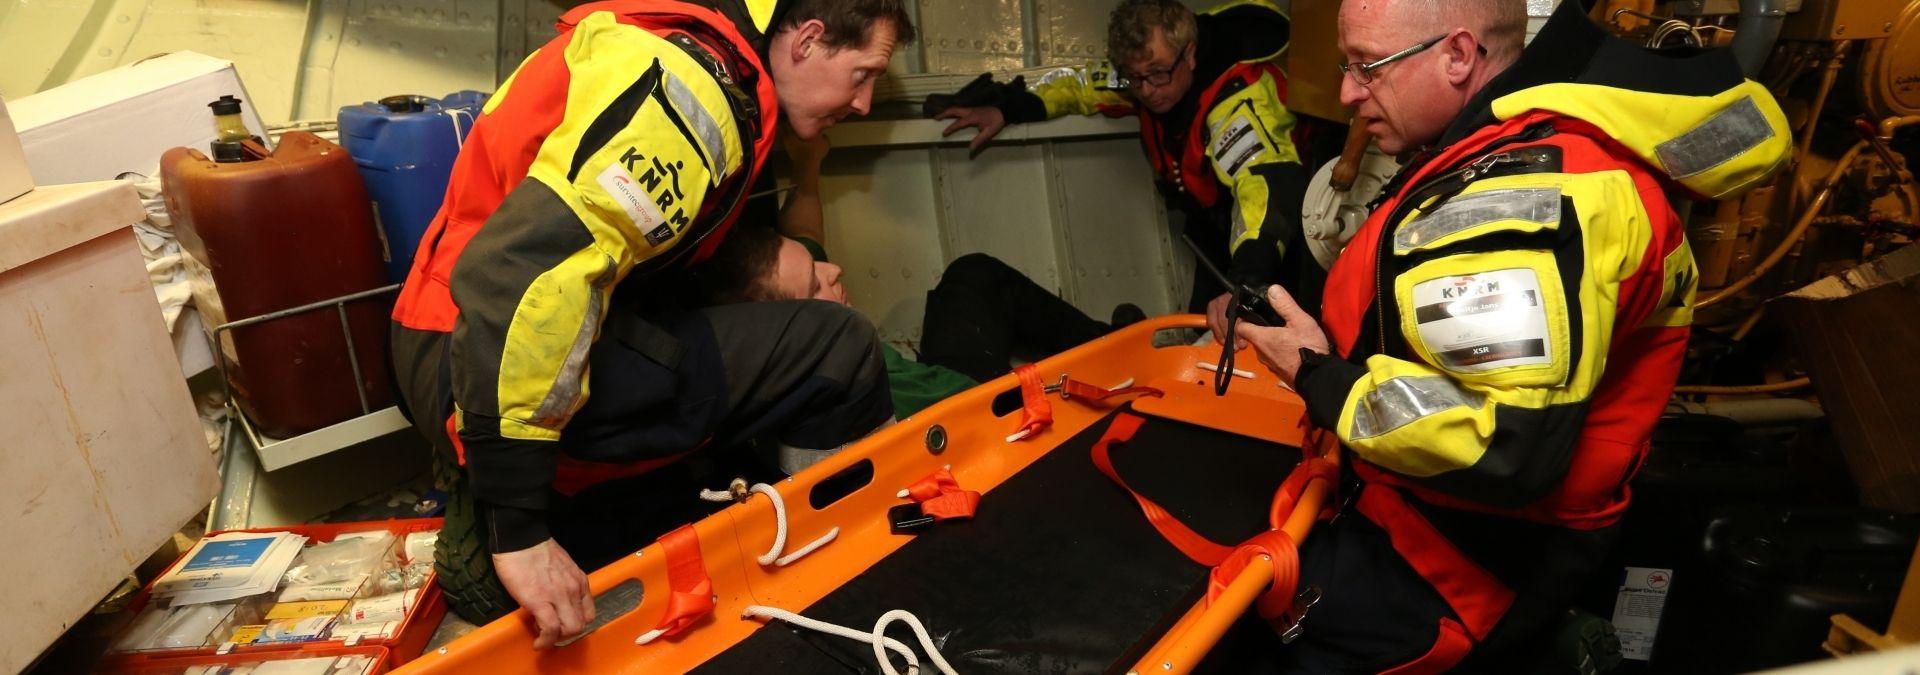 Oefening reddingstation Neeltje Jans